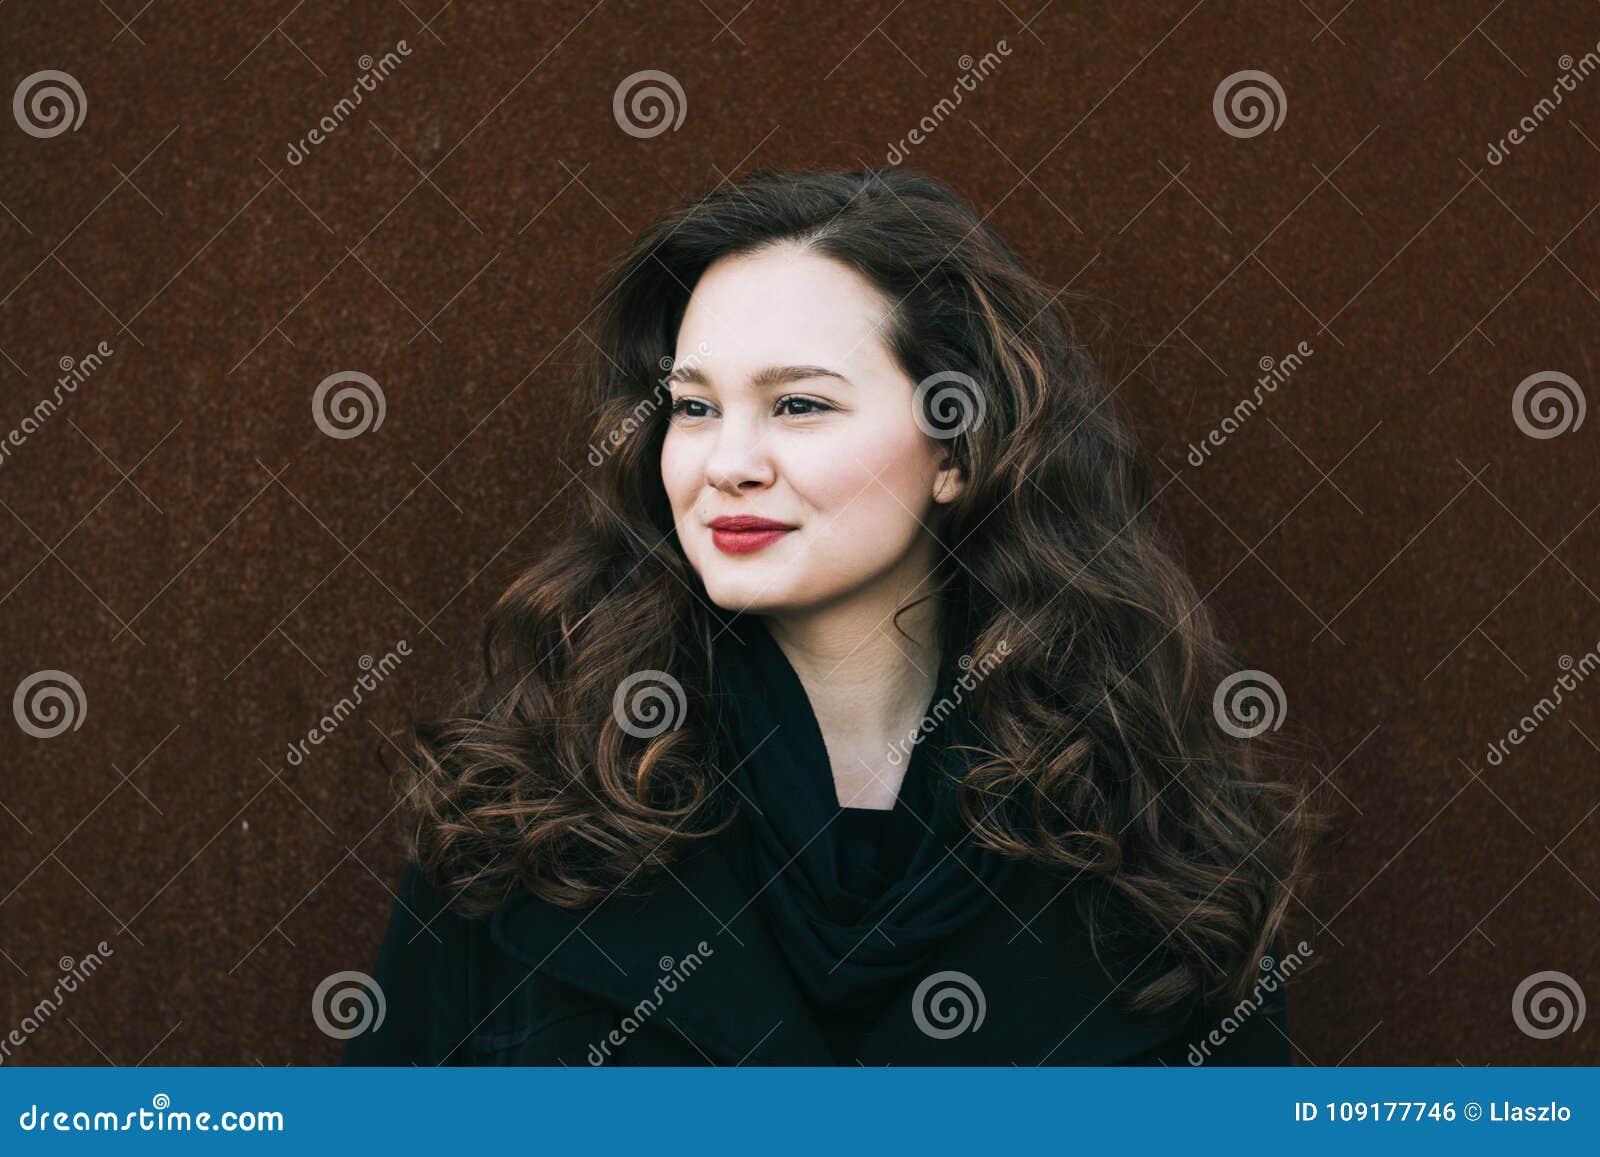 Mooi vrouwenportret Sociaal media profielbeeld 20-29 jaar oud vrouwelijk portret Lang krullend haar donkerbruin meisje